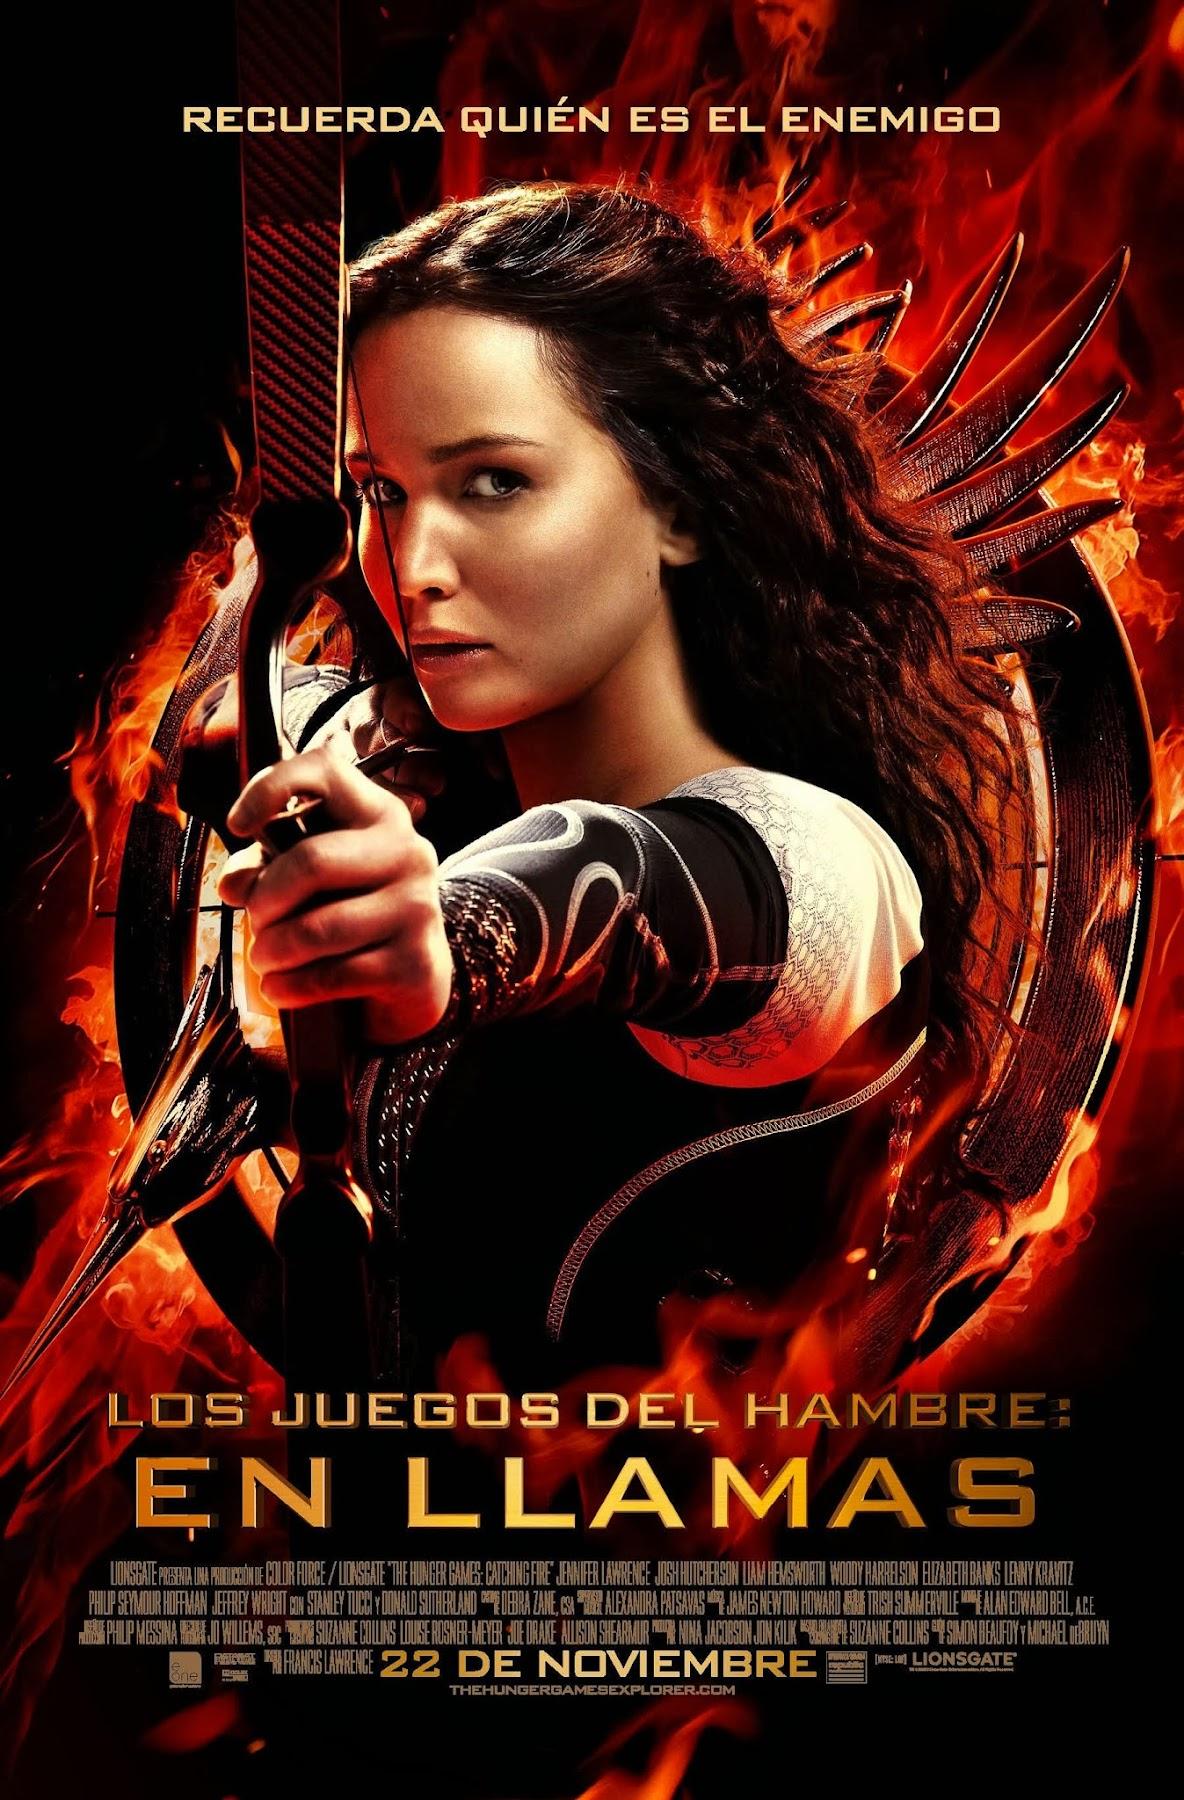 http://4.bp.blogspot.com/-1L3yOso7Qi0/Unfb0L2PPuI/AAAAAAAARdw/xkdTDWoBZ44/s1800/Los_Juegos_Del_Hambre_En_Llamas_Poster_Final_Espa%C3%B1a_JPosters.jpg